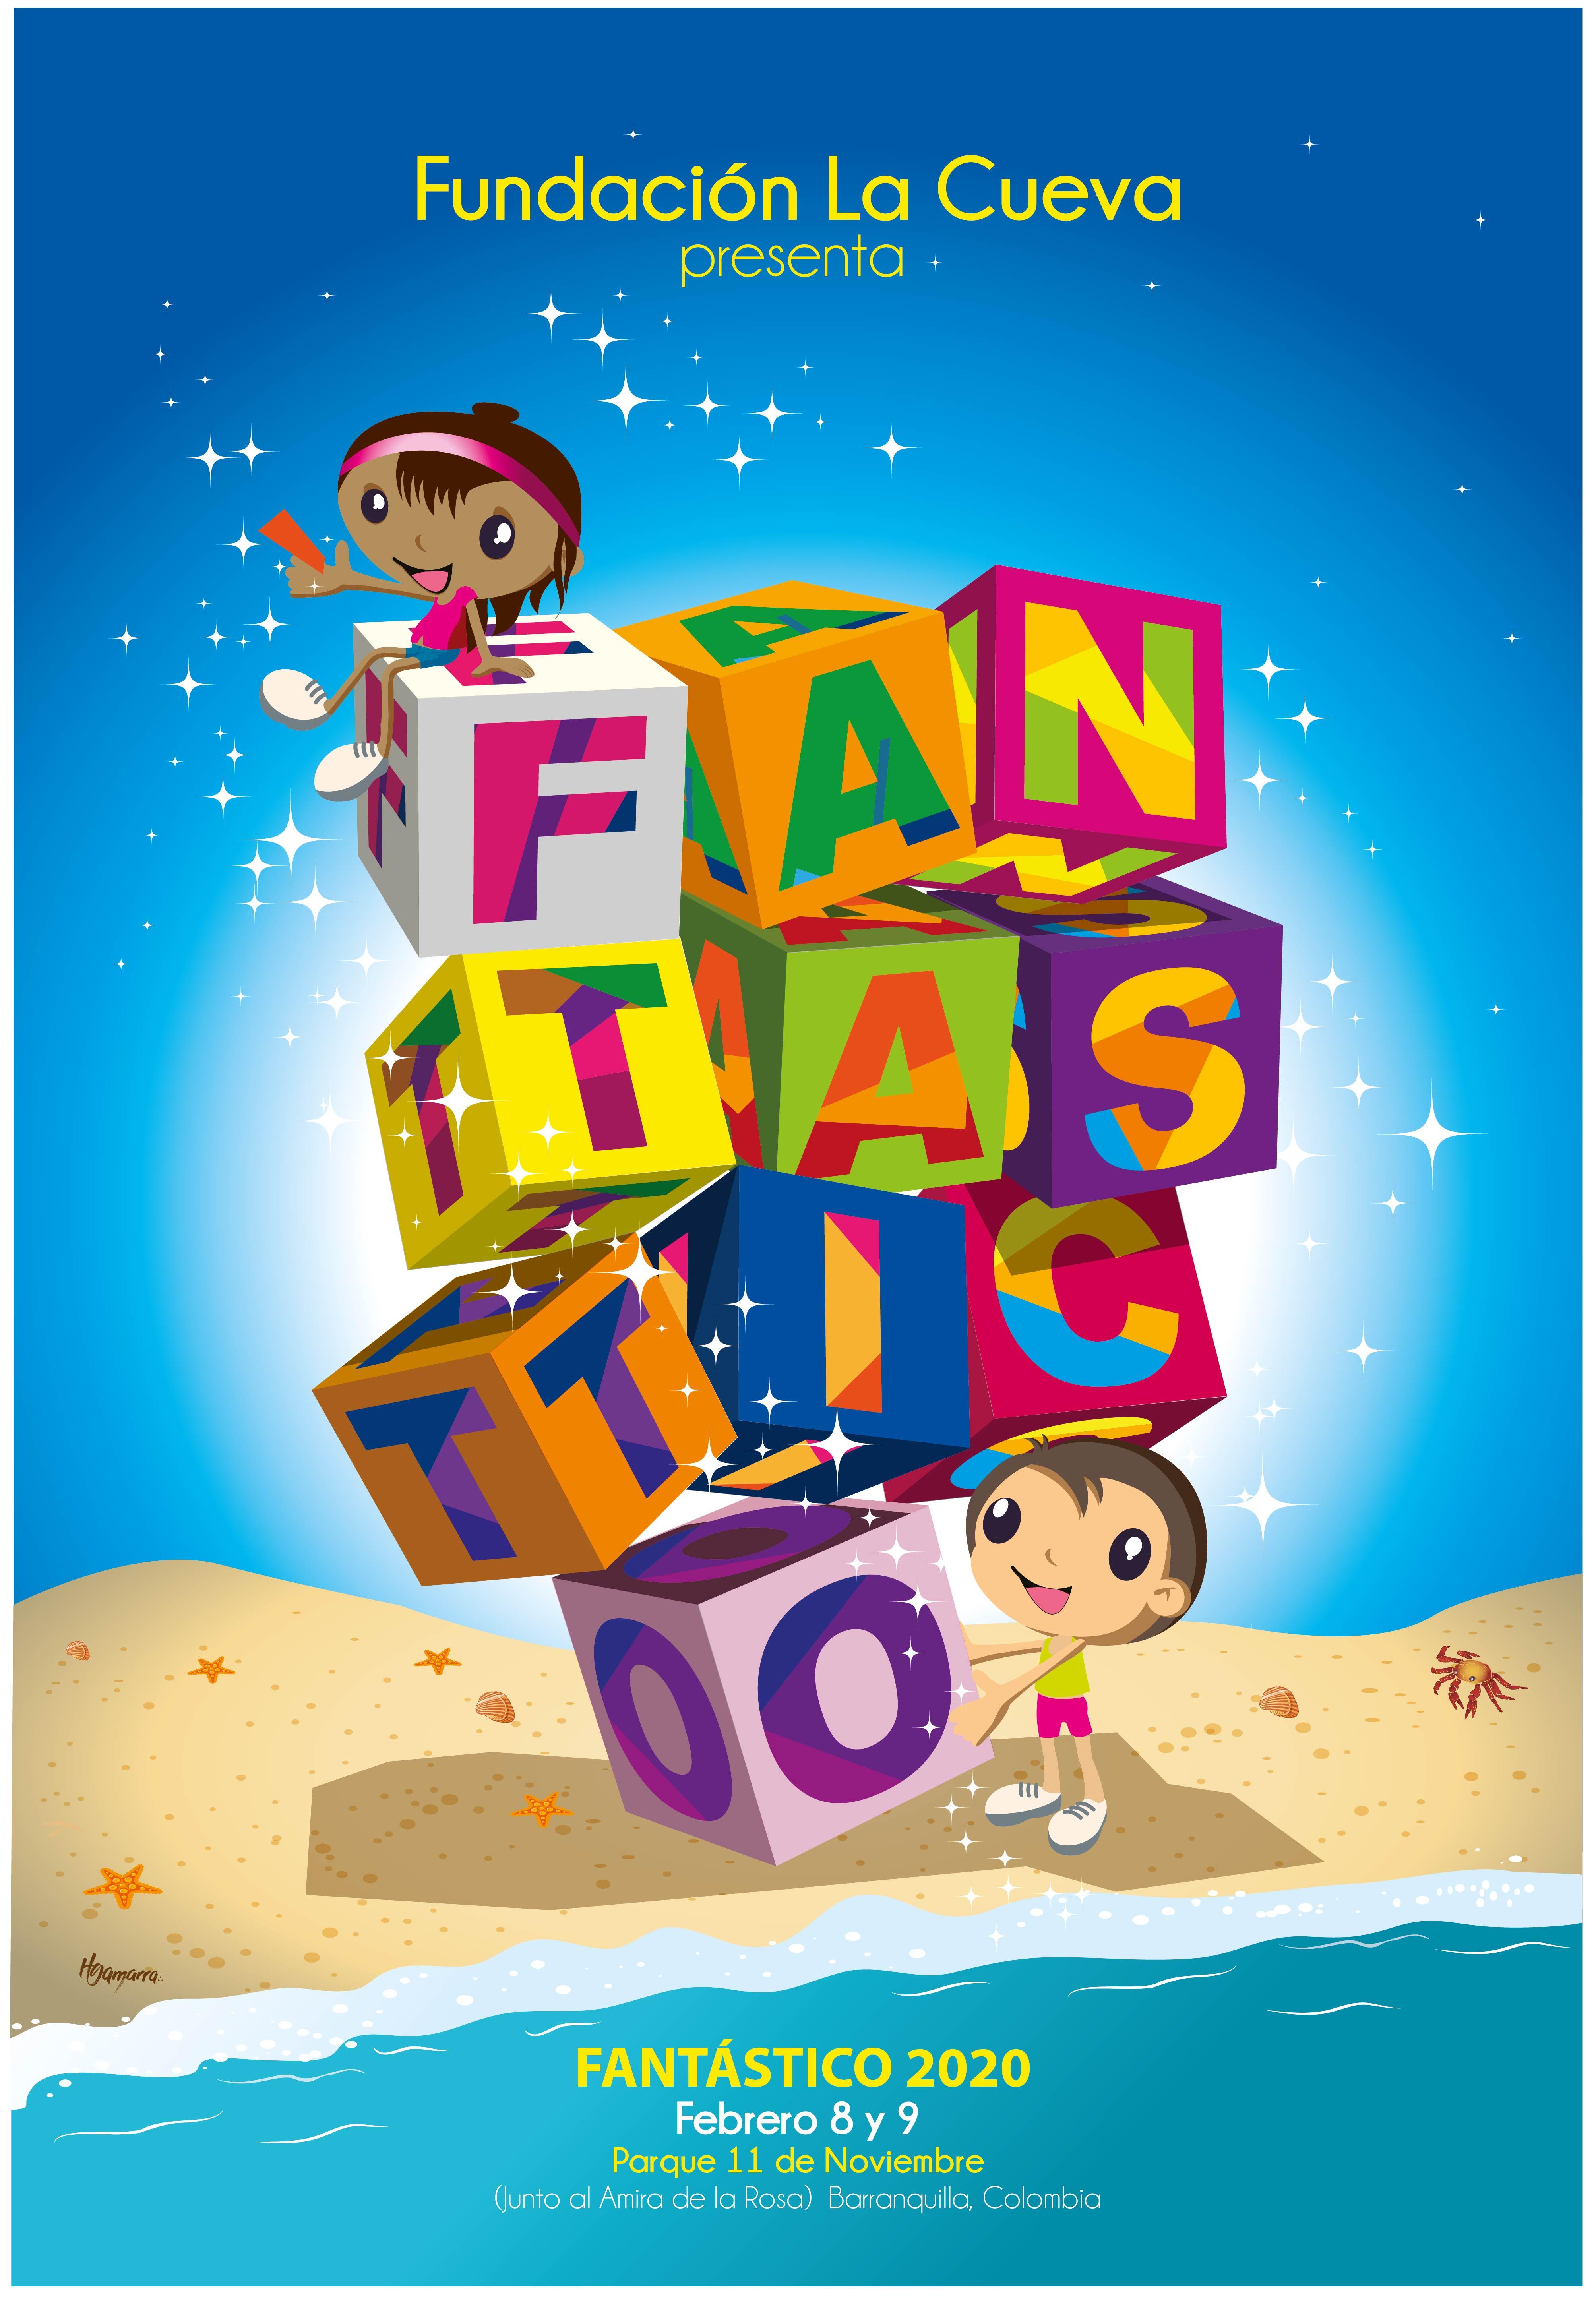 ¡Fantástico!: la magia que llega para sorprender a chicos y grandes